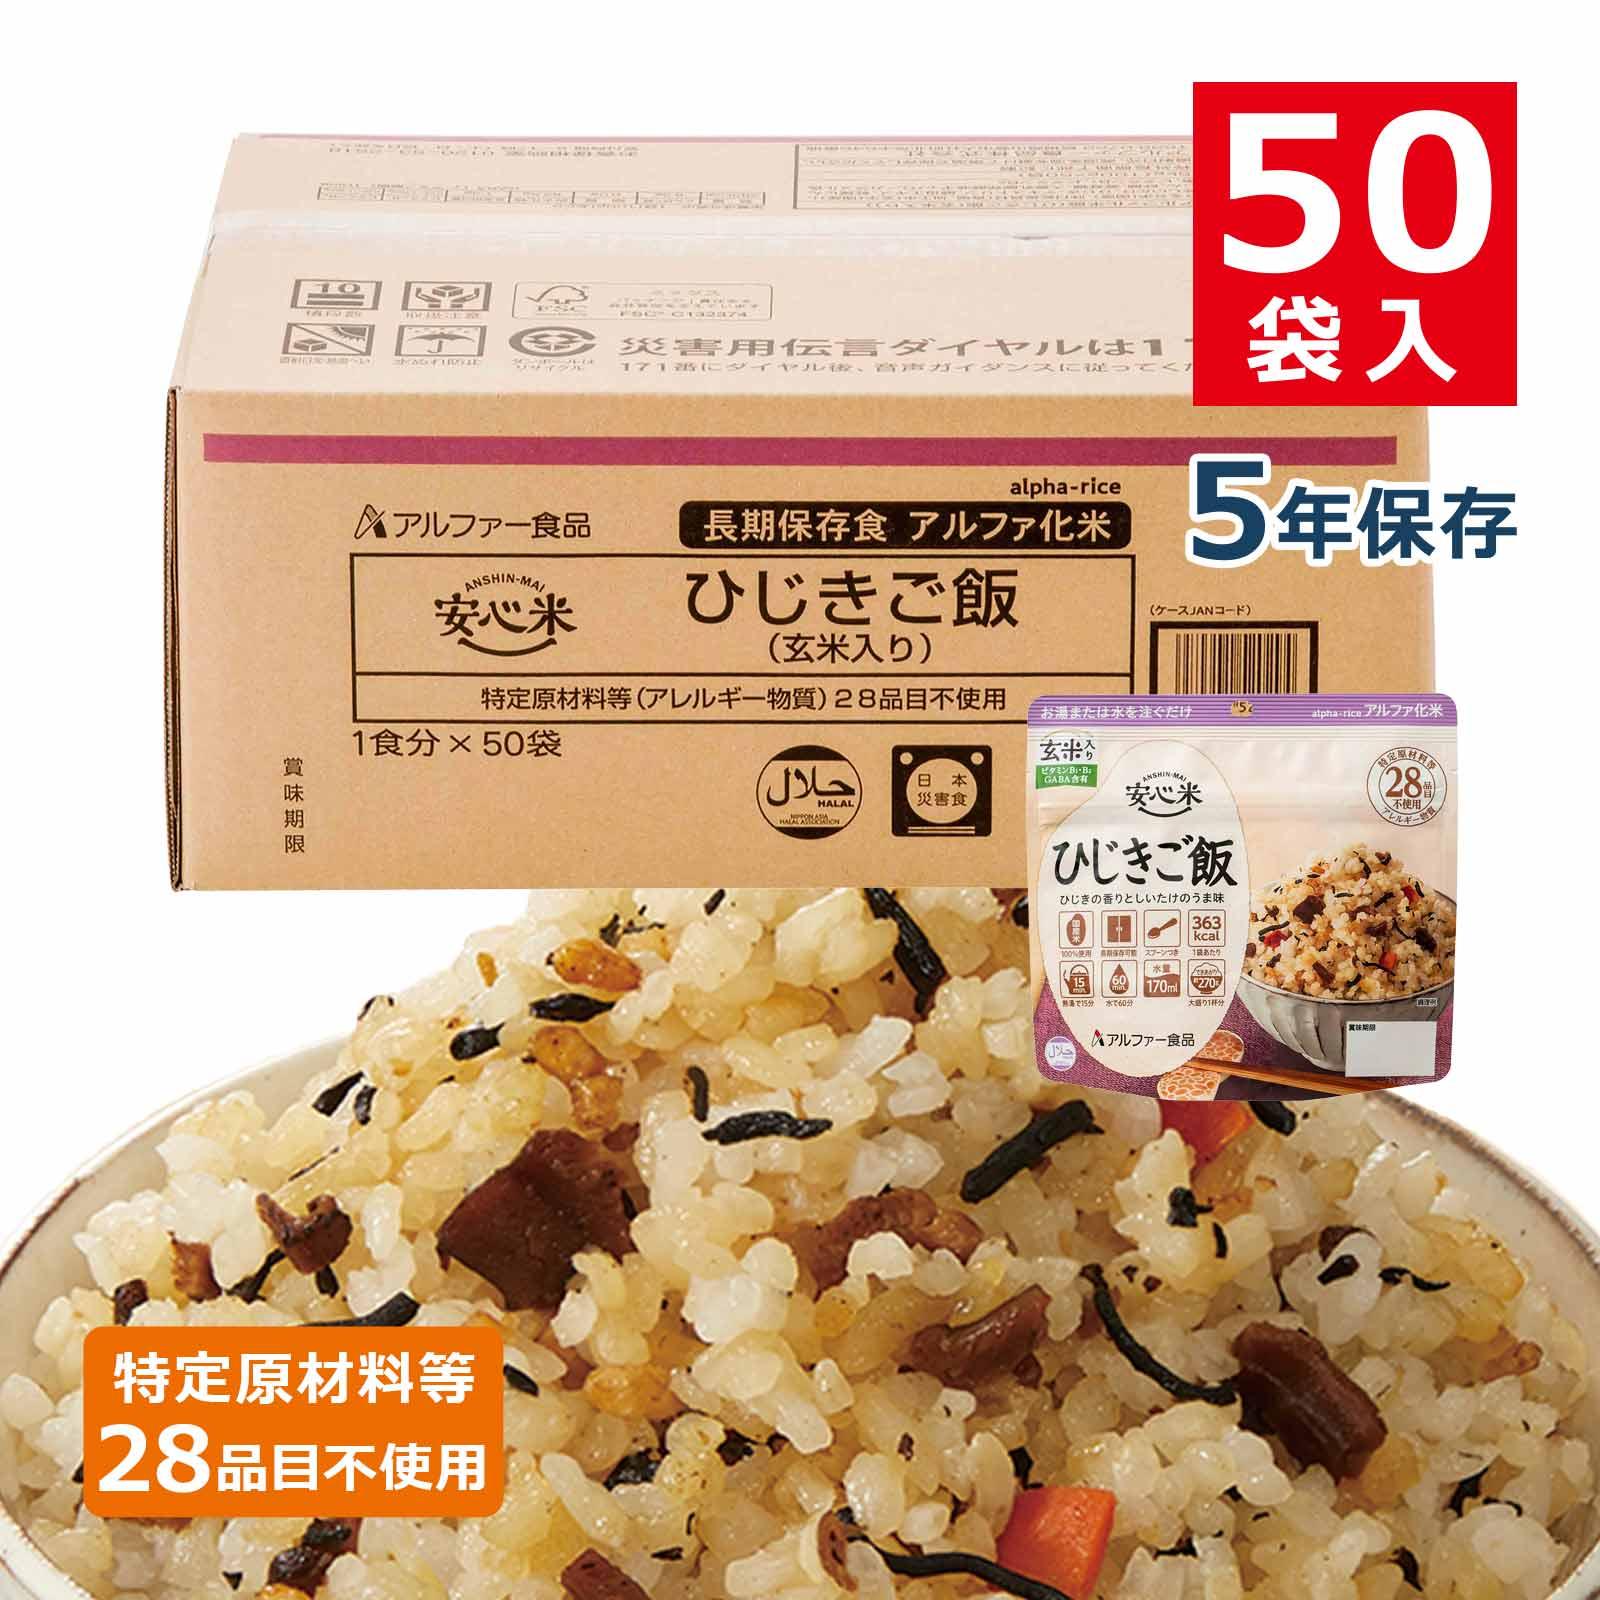 安心米(アルファ化米)個食 ひじきご飯 50袋入画像